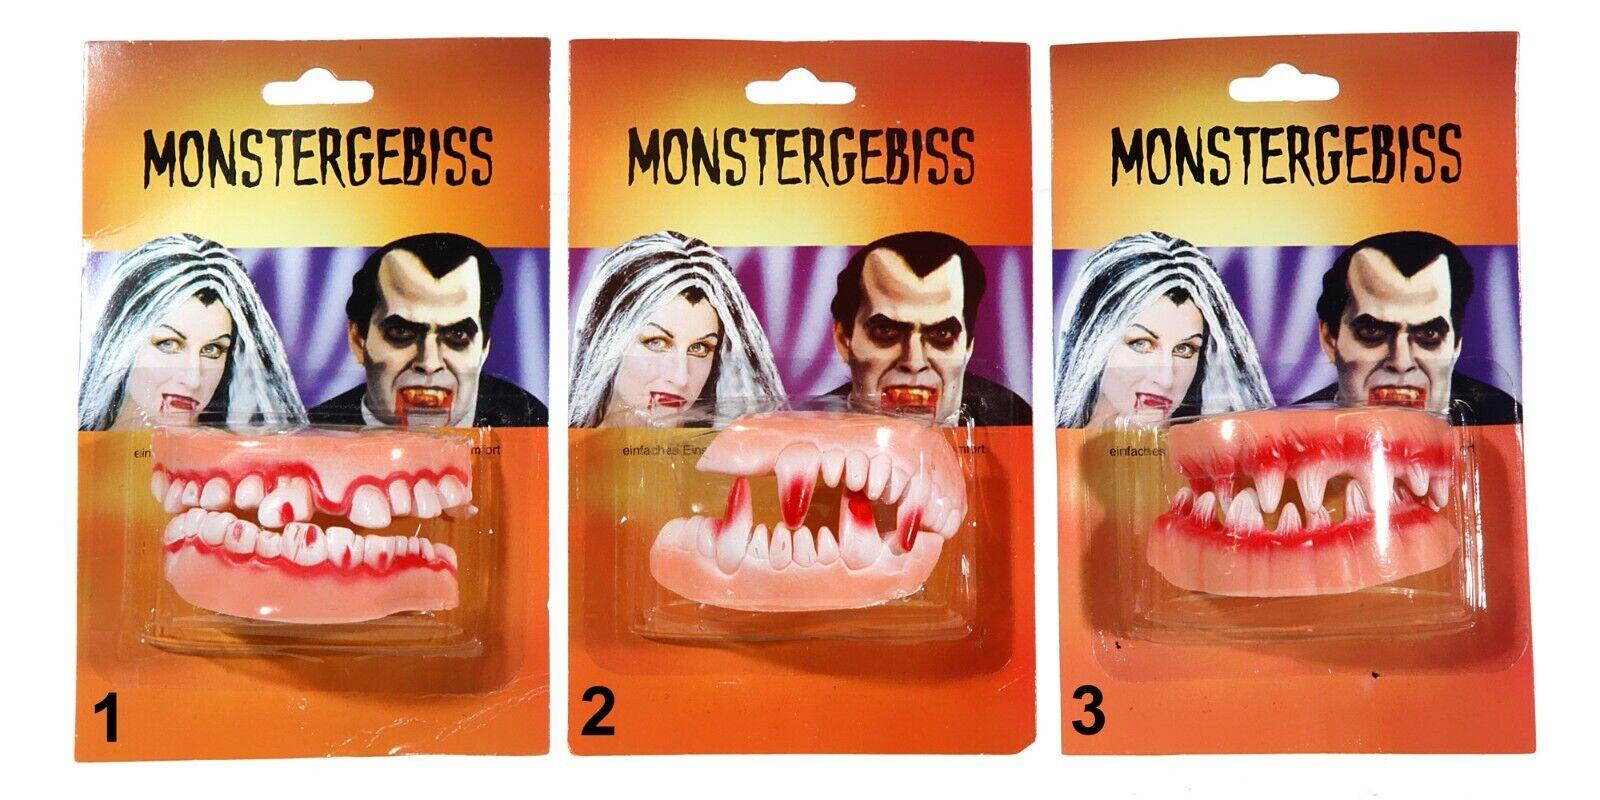 Halloween Zombie Monster Gebiss Horror Grusel Faule Schiefe Zähne Monstergebiss